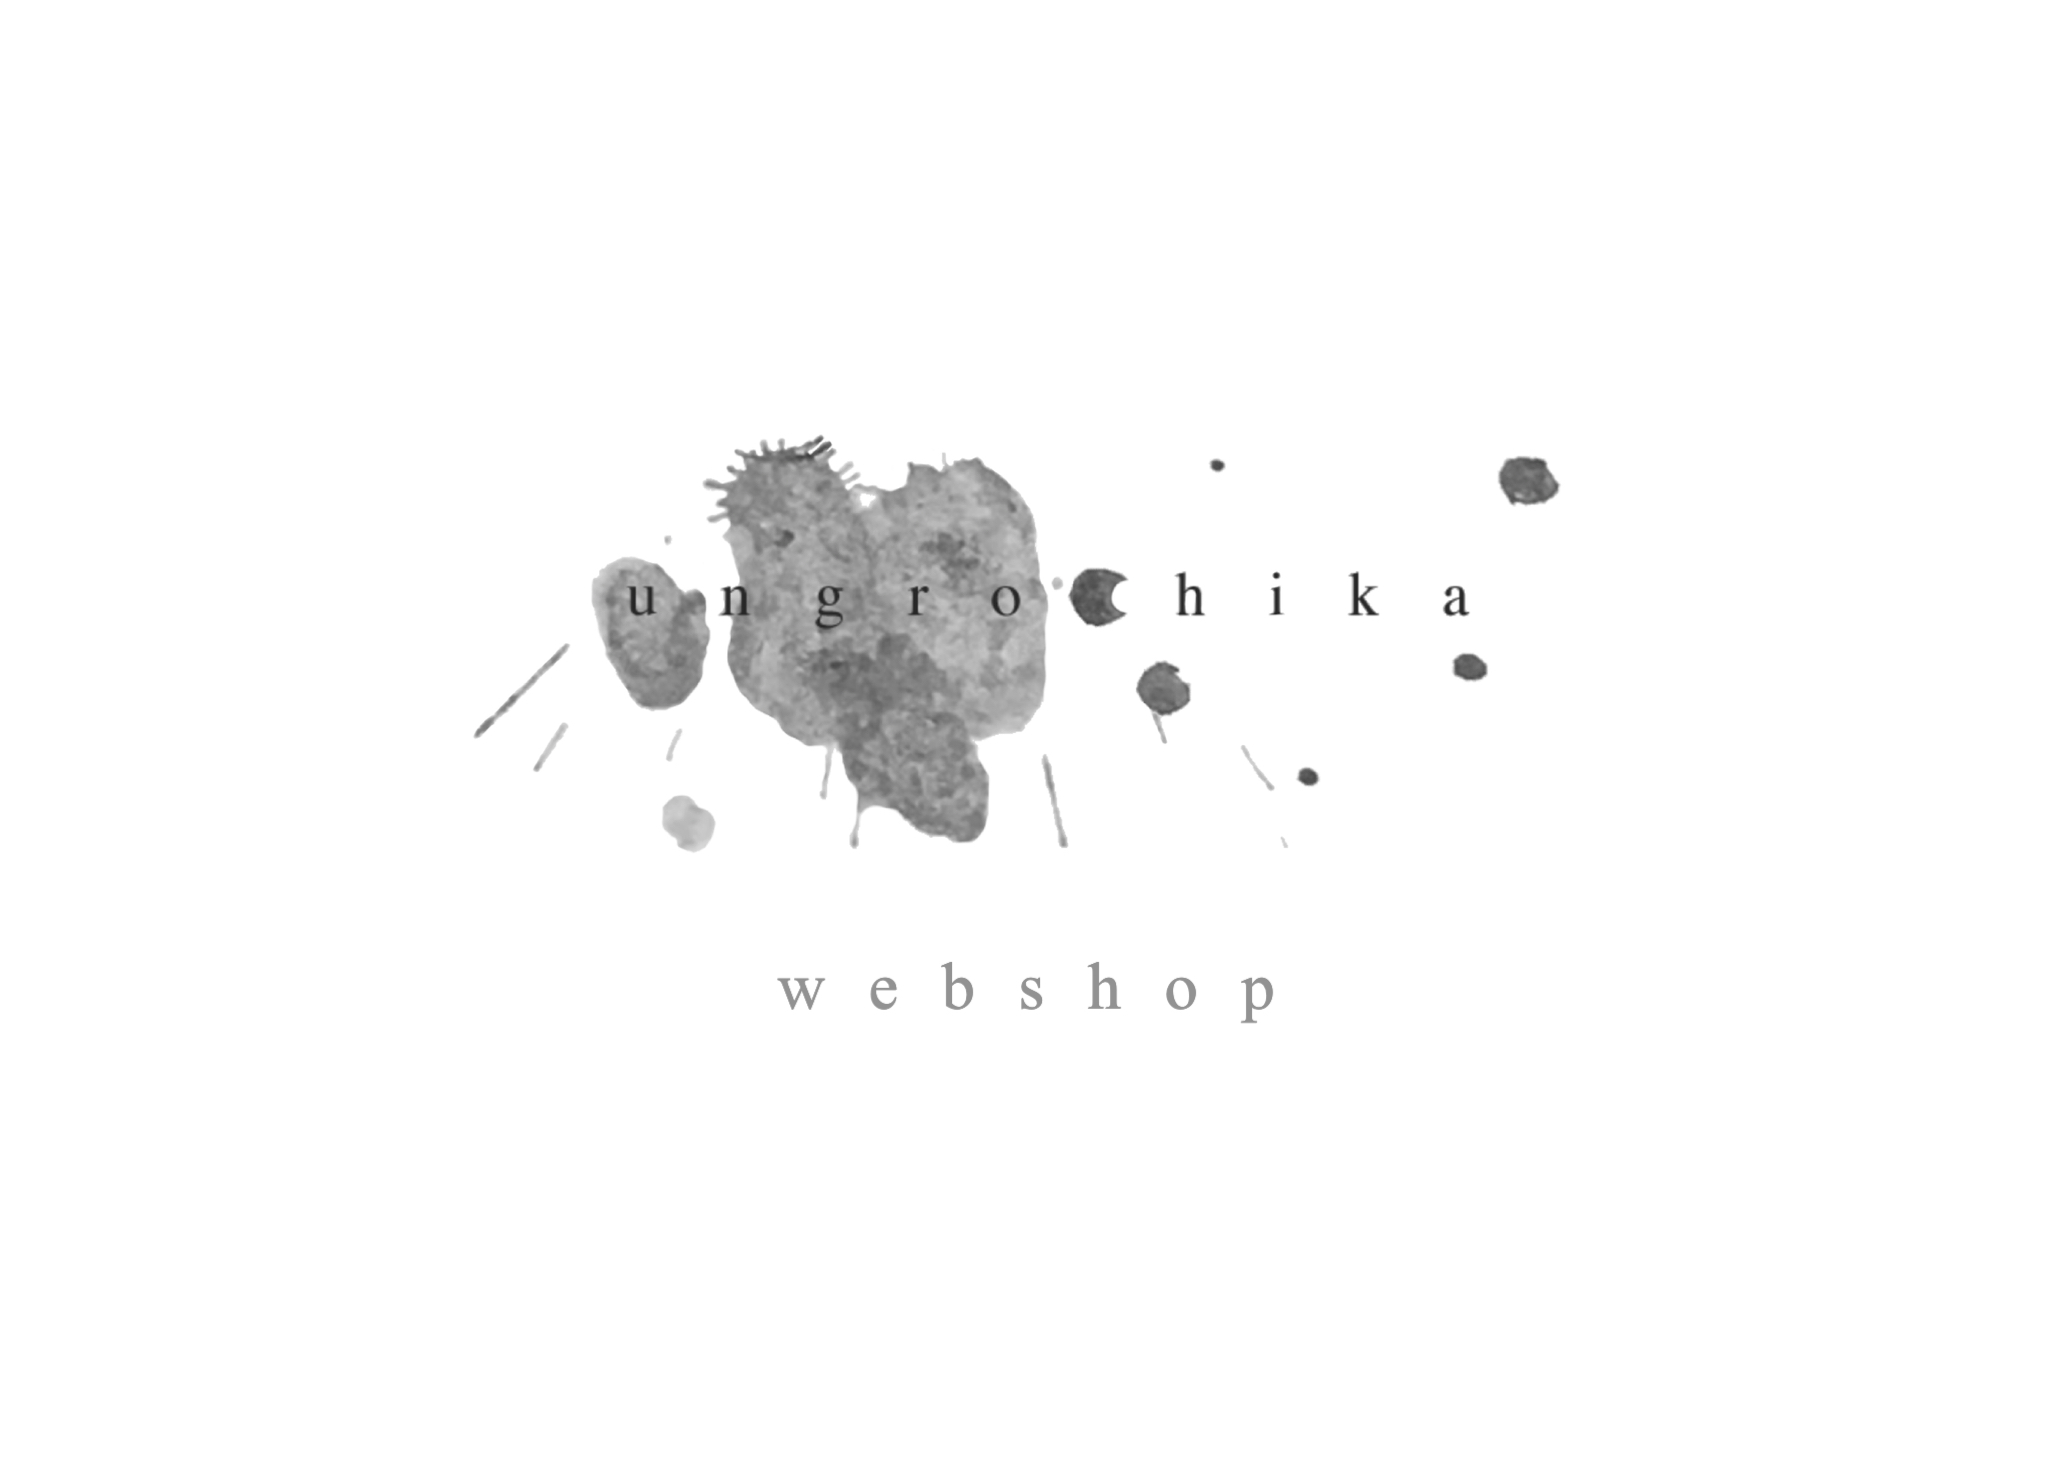 ungrochika webshop